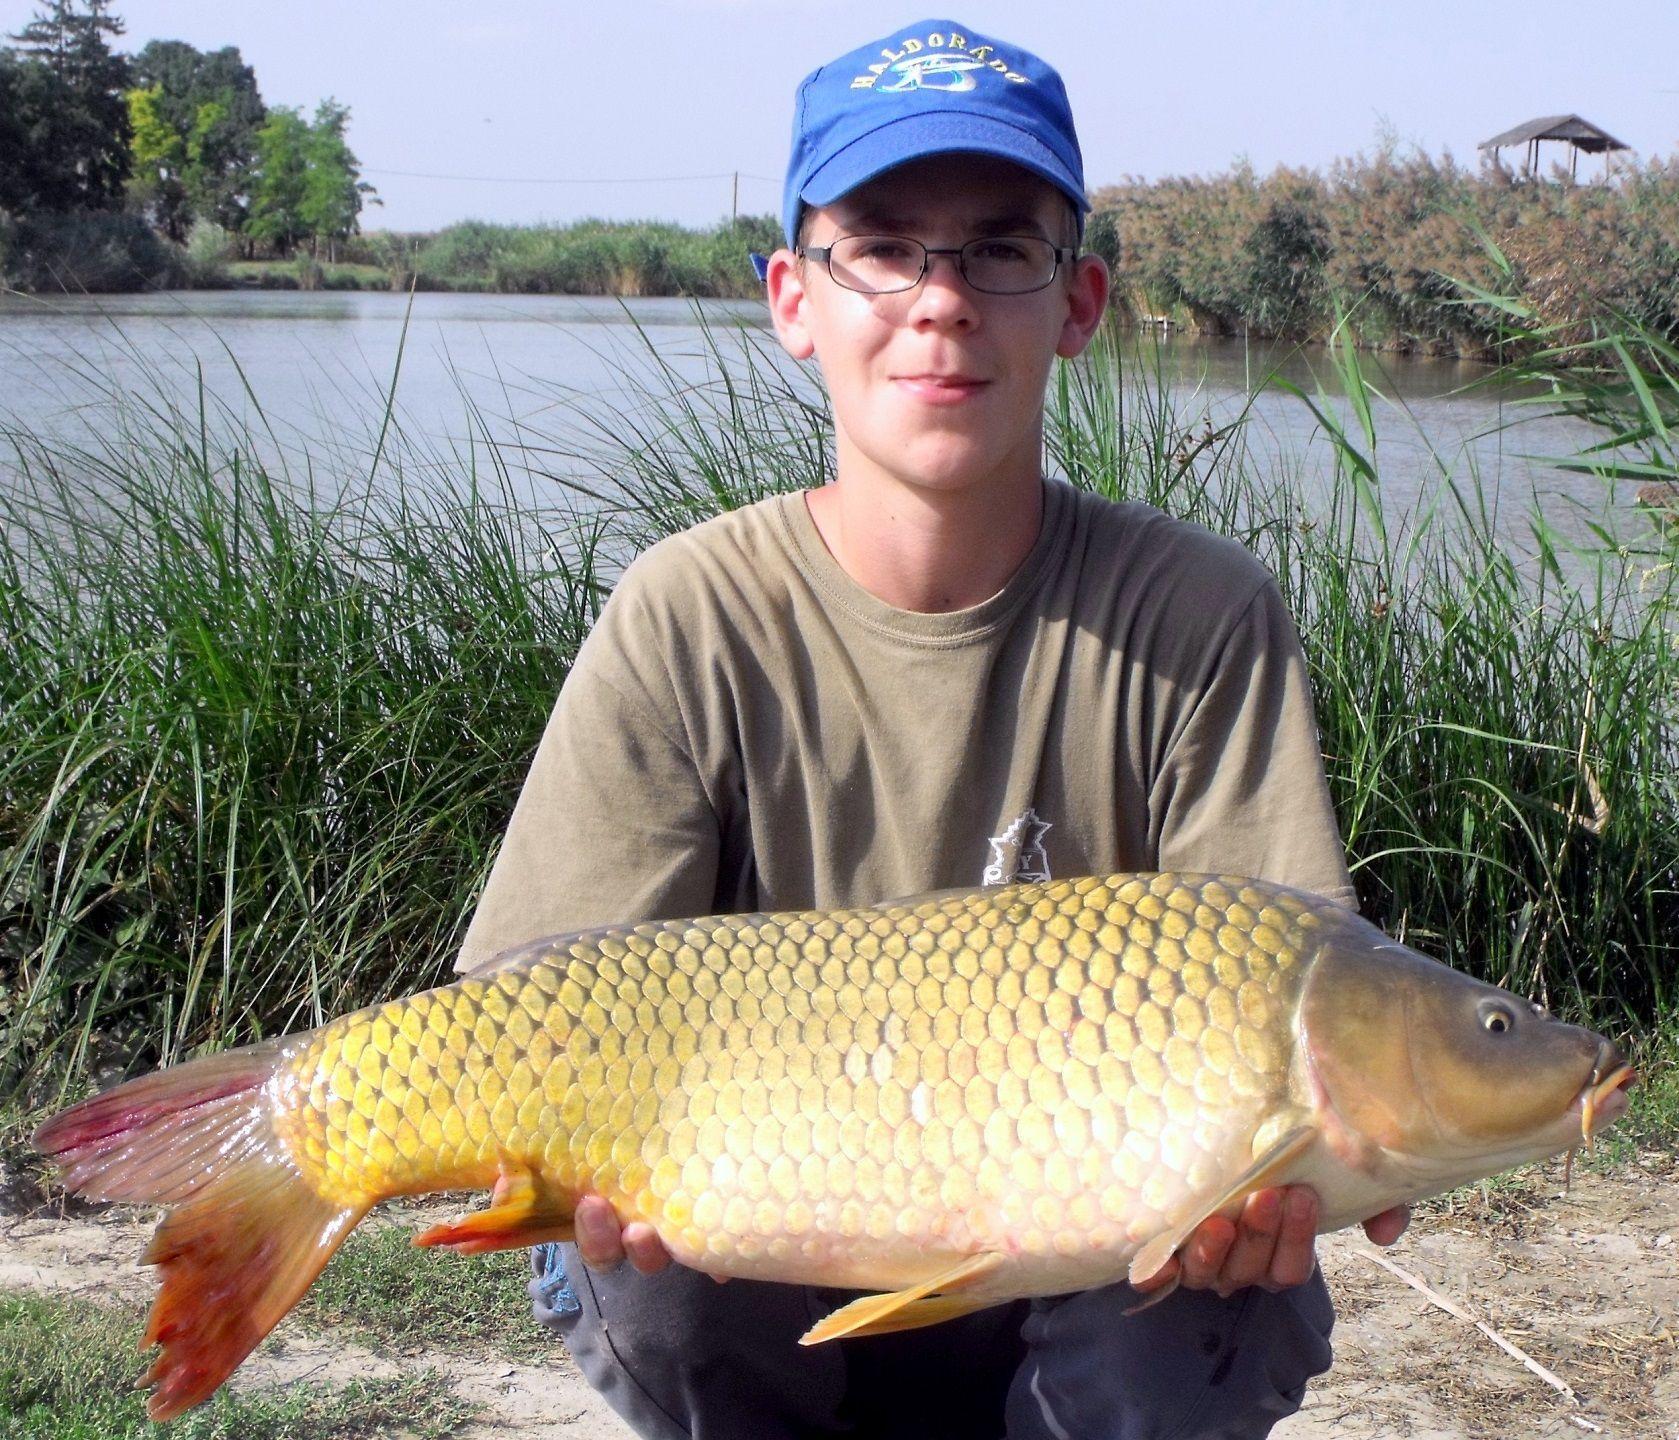 Első közös horgászatunkon máris egy pompás hallal büszkélkedhetett, melyet nem akármilyen körülmények között sikerült végül megfognia